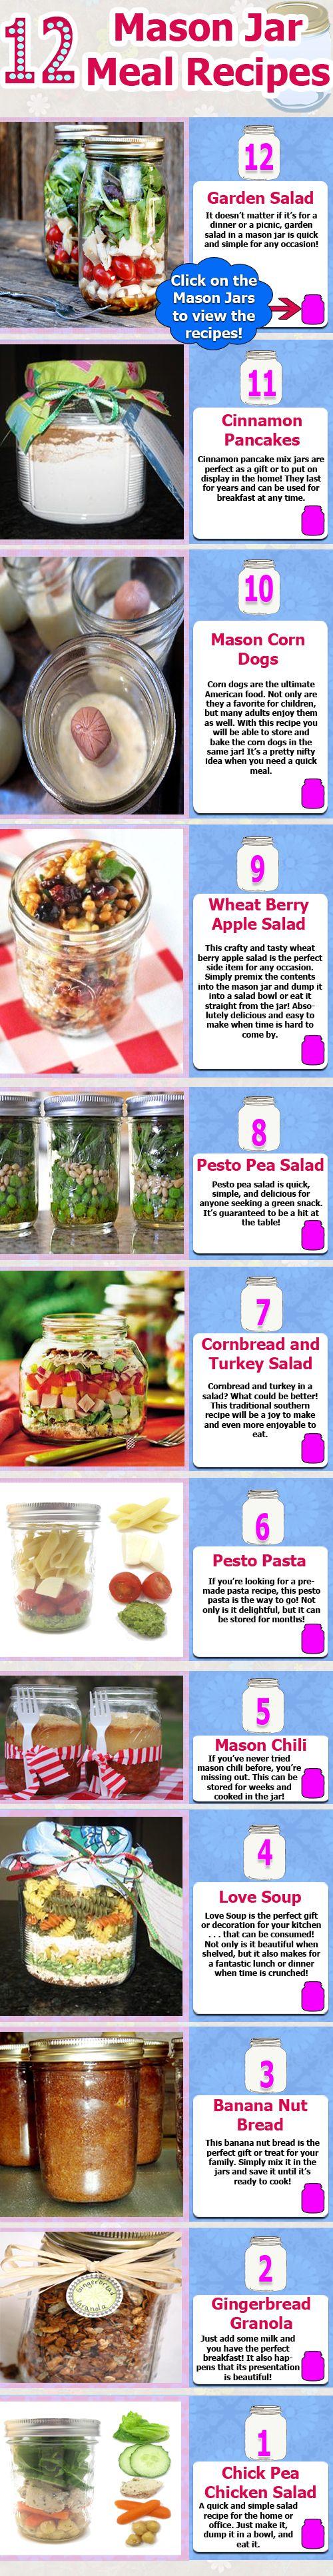 12 Mason Jar Recipes